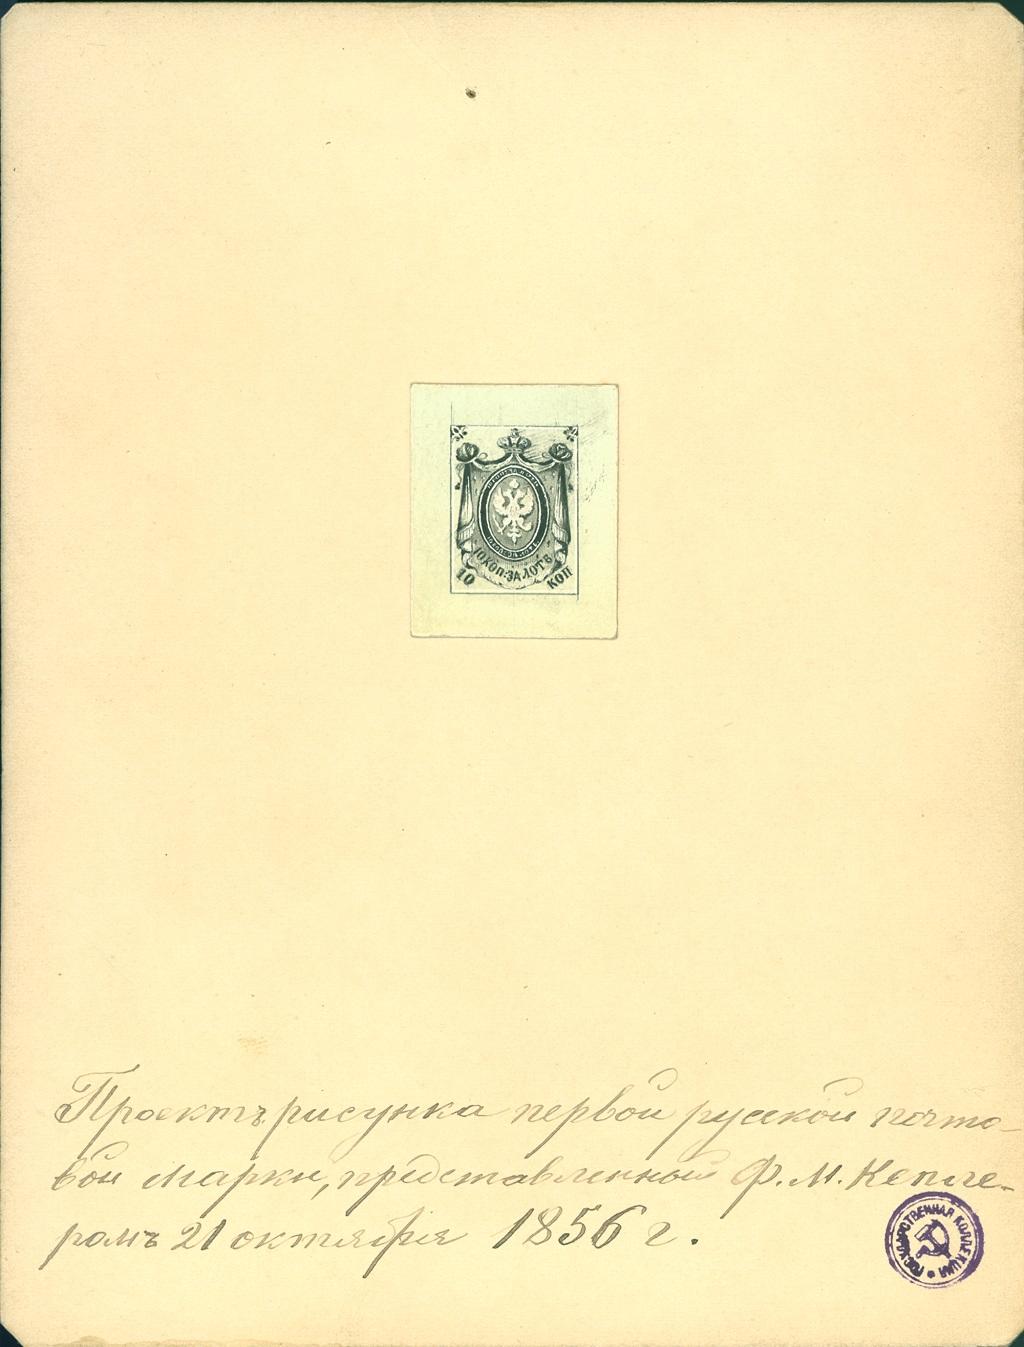 Проект рисунка первой русской почтовой марки Ф. Кеплера